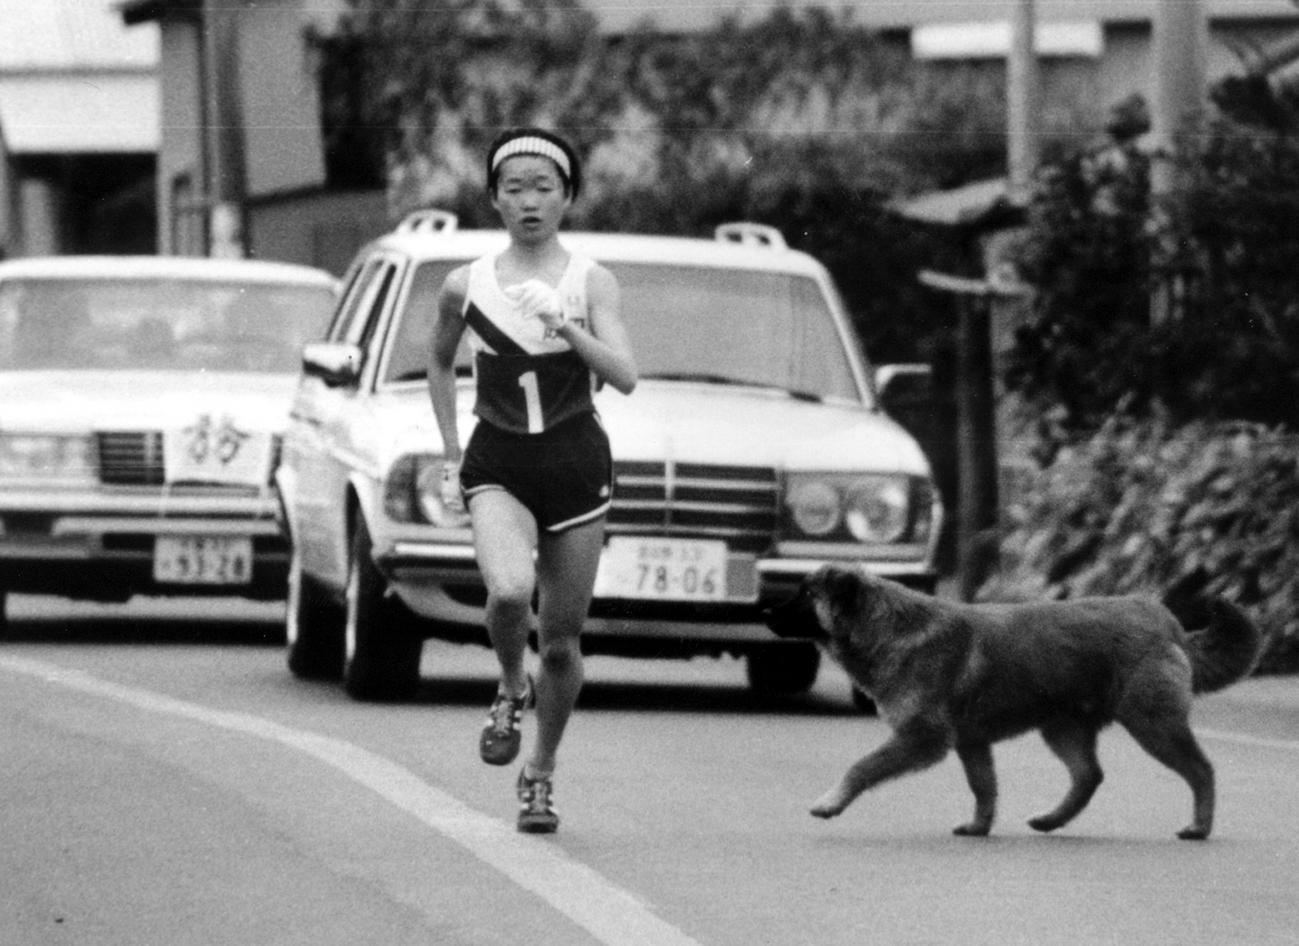 82年2月、マラソン初挑戦の千葉マラソンでいきなり日本最高の2時間36分34秒を記録する増田明美選手